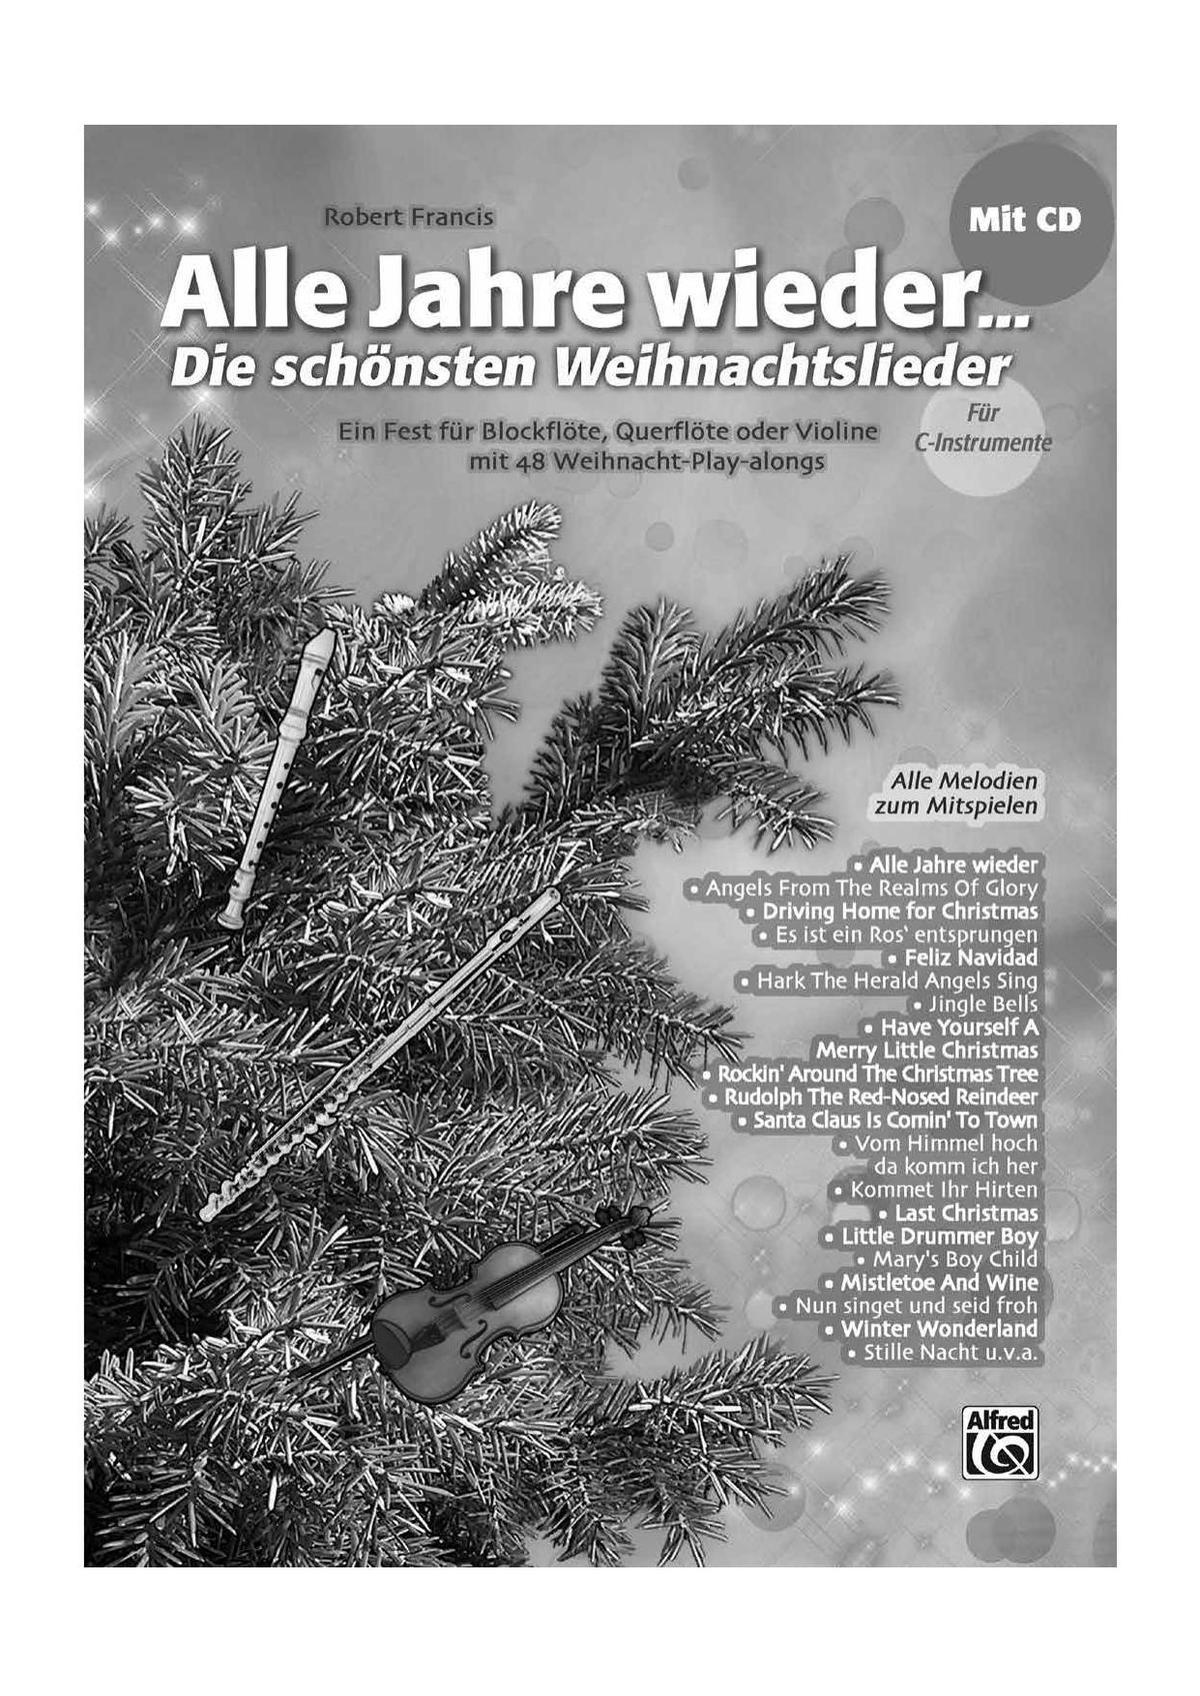 Die Schönsten Weihnachtslieder Englisch.Dvo Druck Und Verlag Obermayer Gmbh